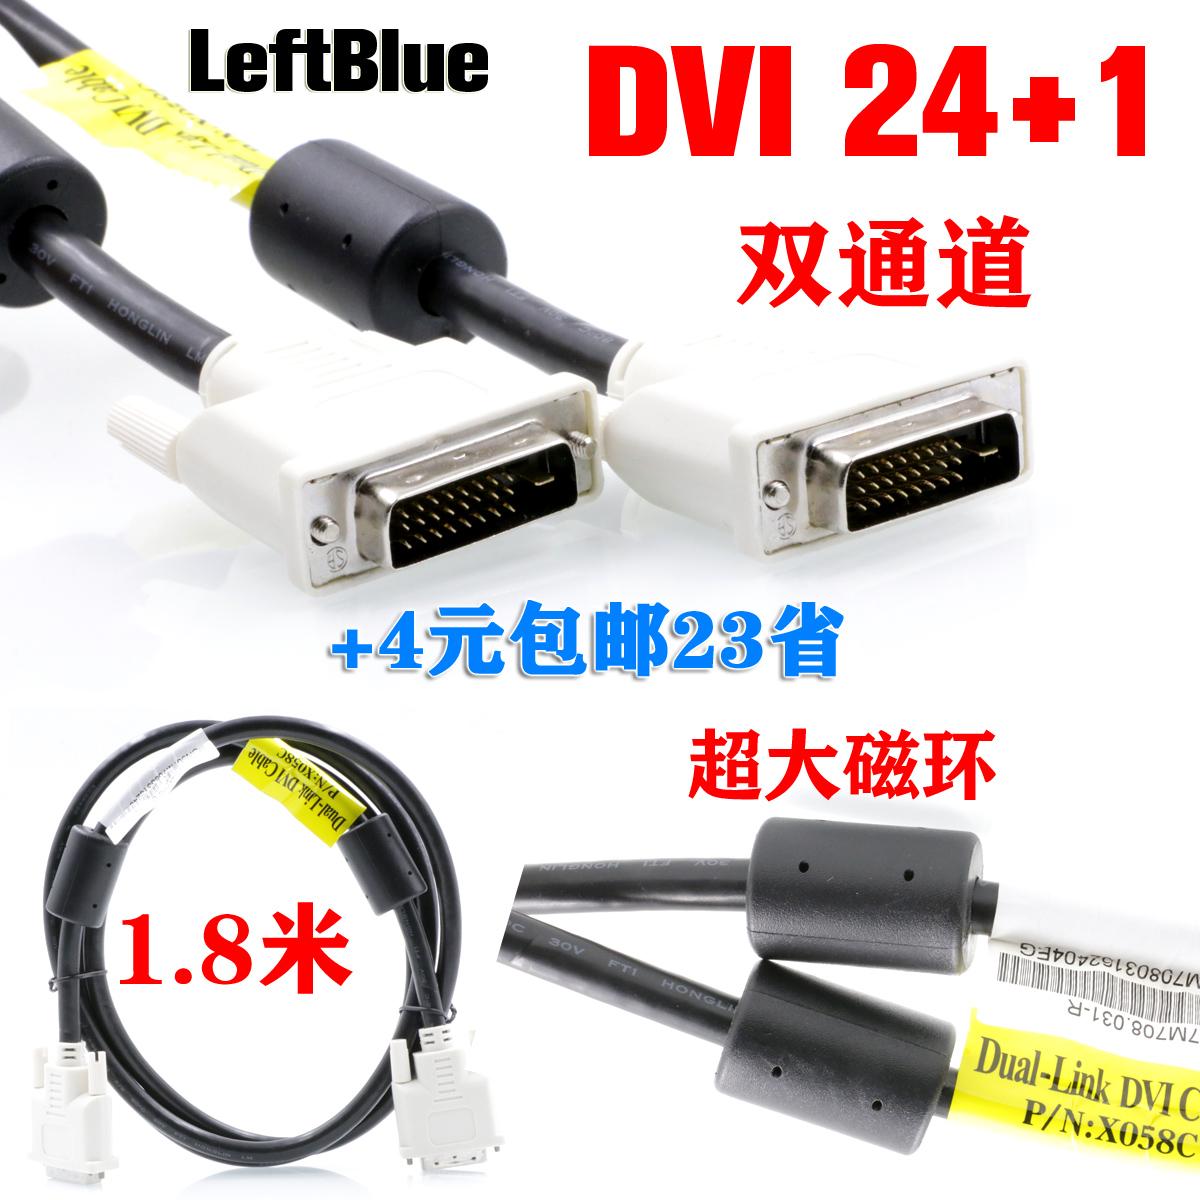 Оригинальные распределения жк дисплей устройство hd dvi линия видео линия DVI-D двойной канал 24+1DVI цифровой сигнал линия